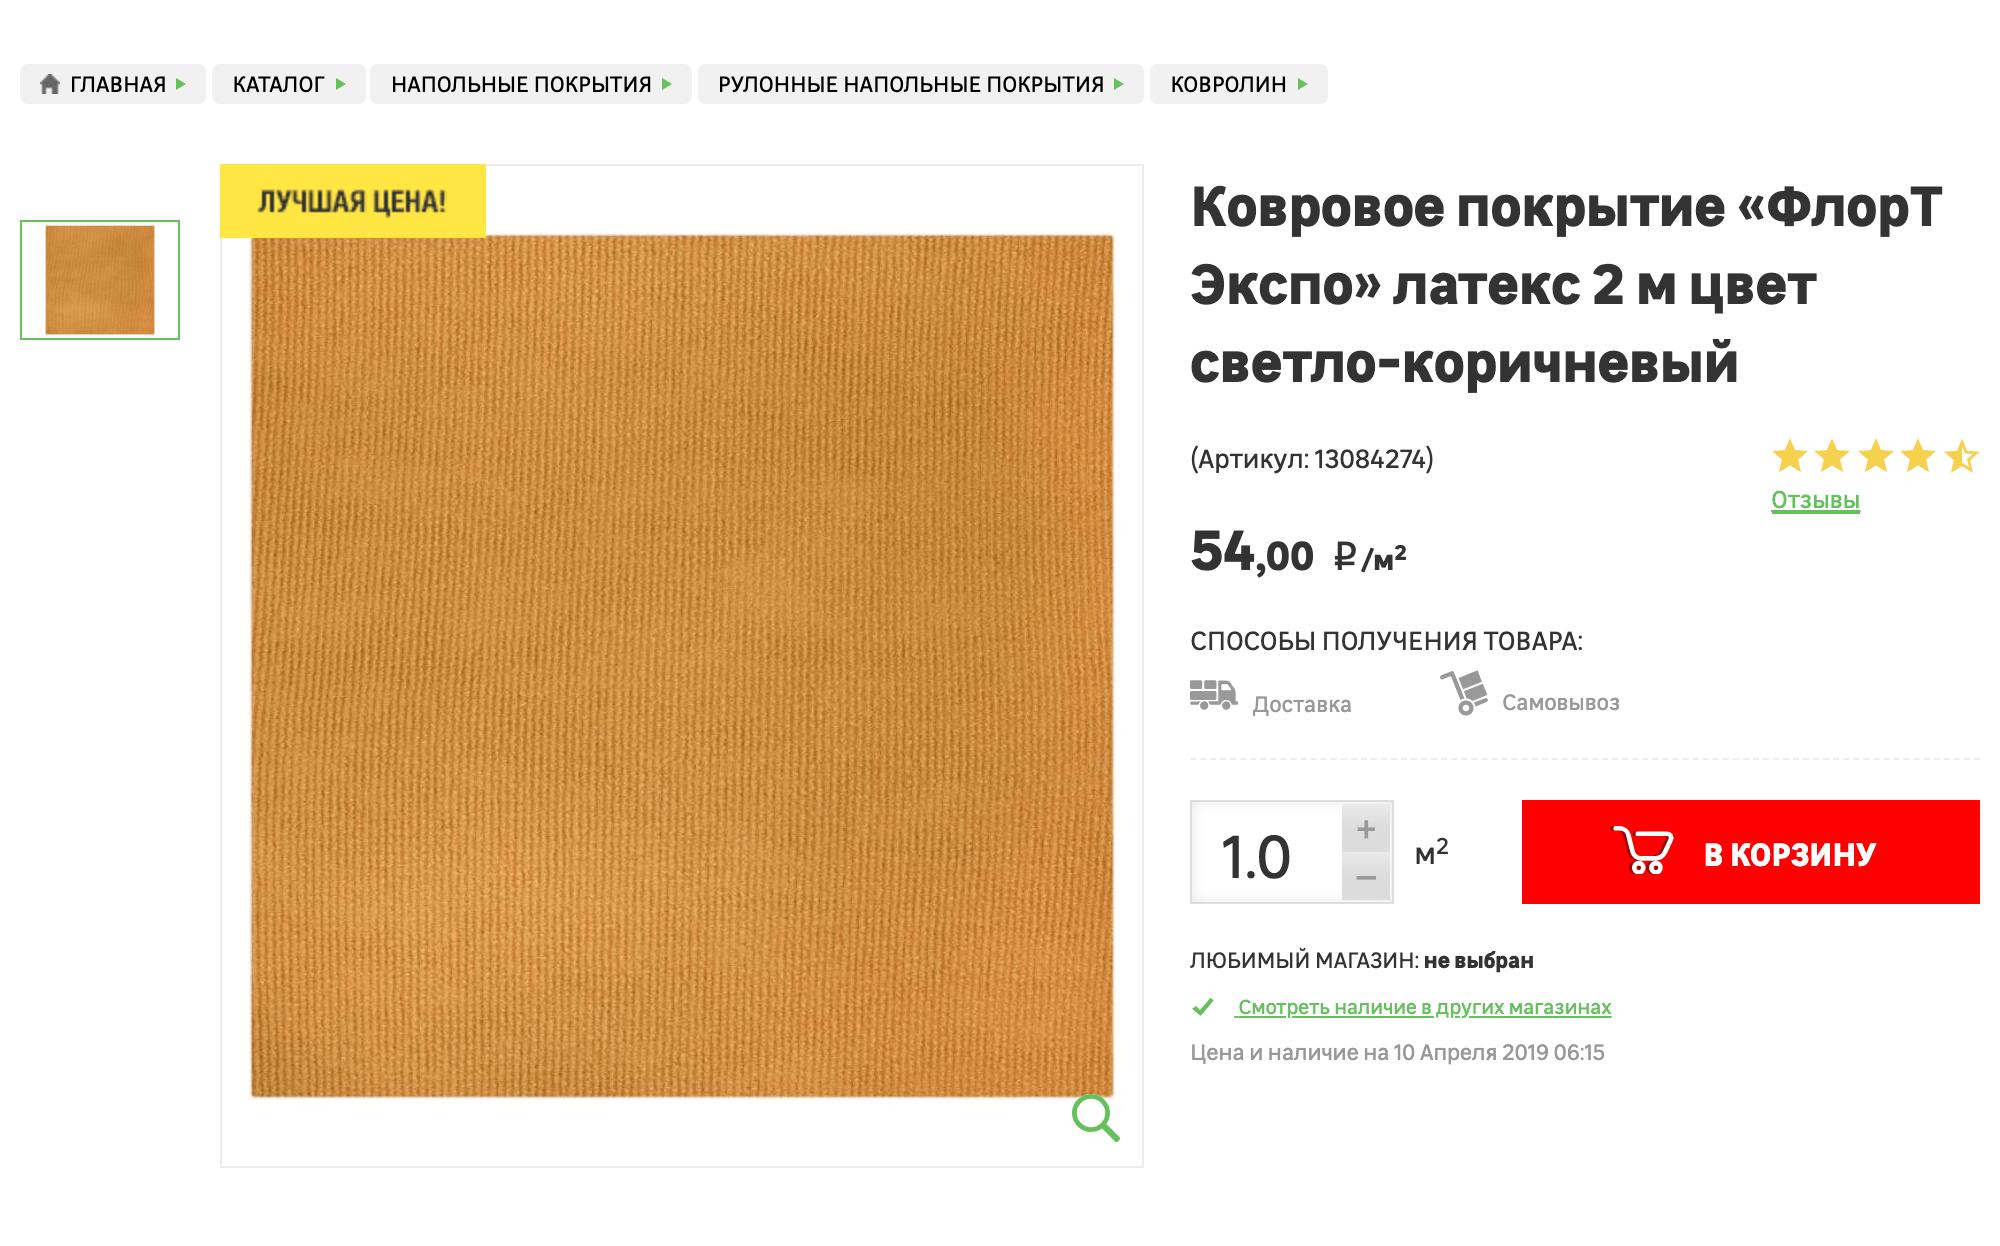 Самый простой ковролин стоит от 57 р. за квадратный метр